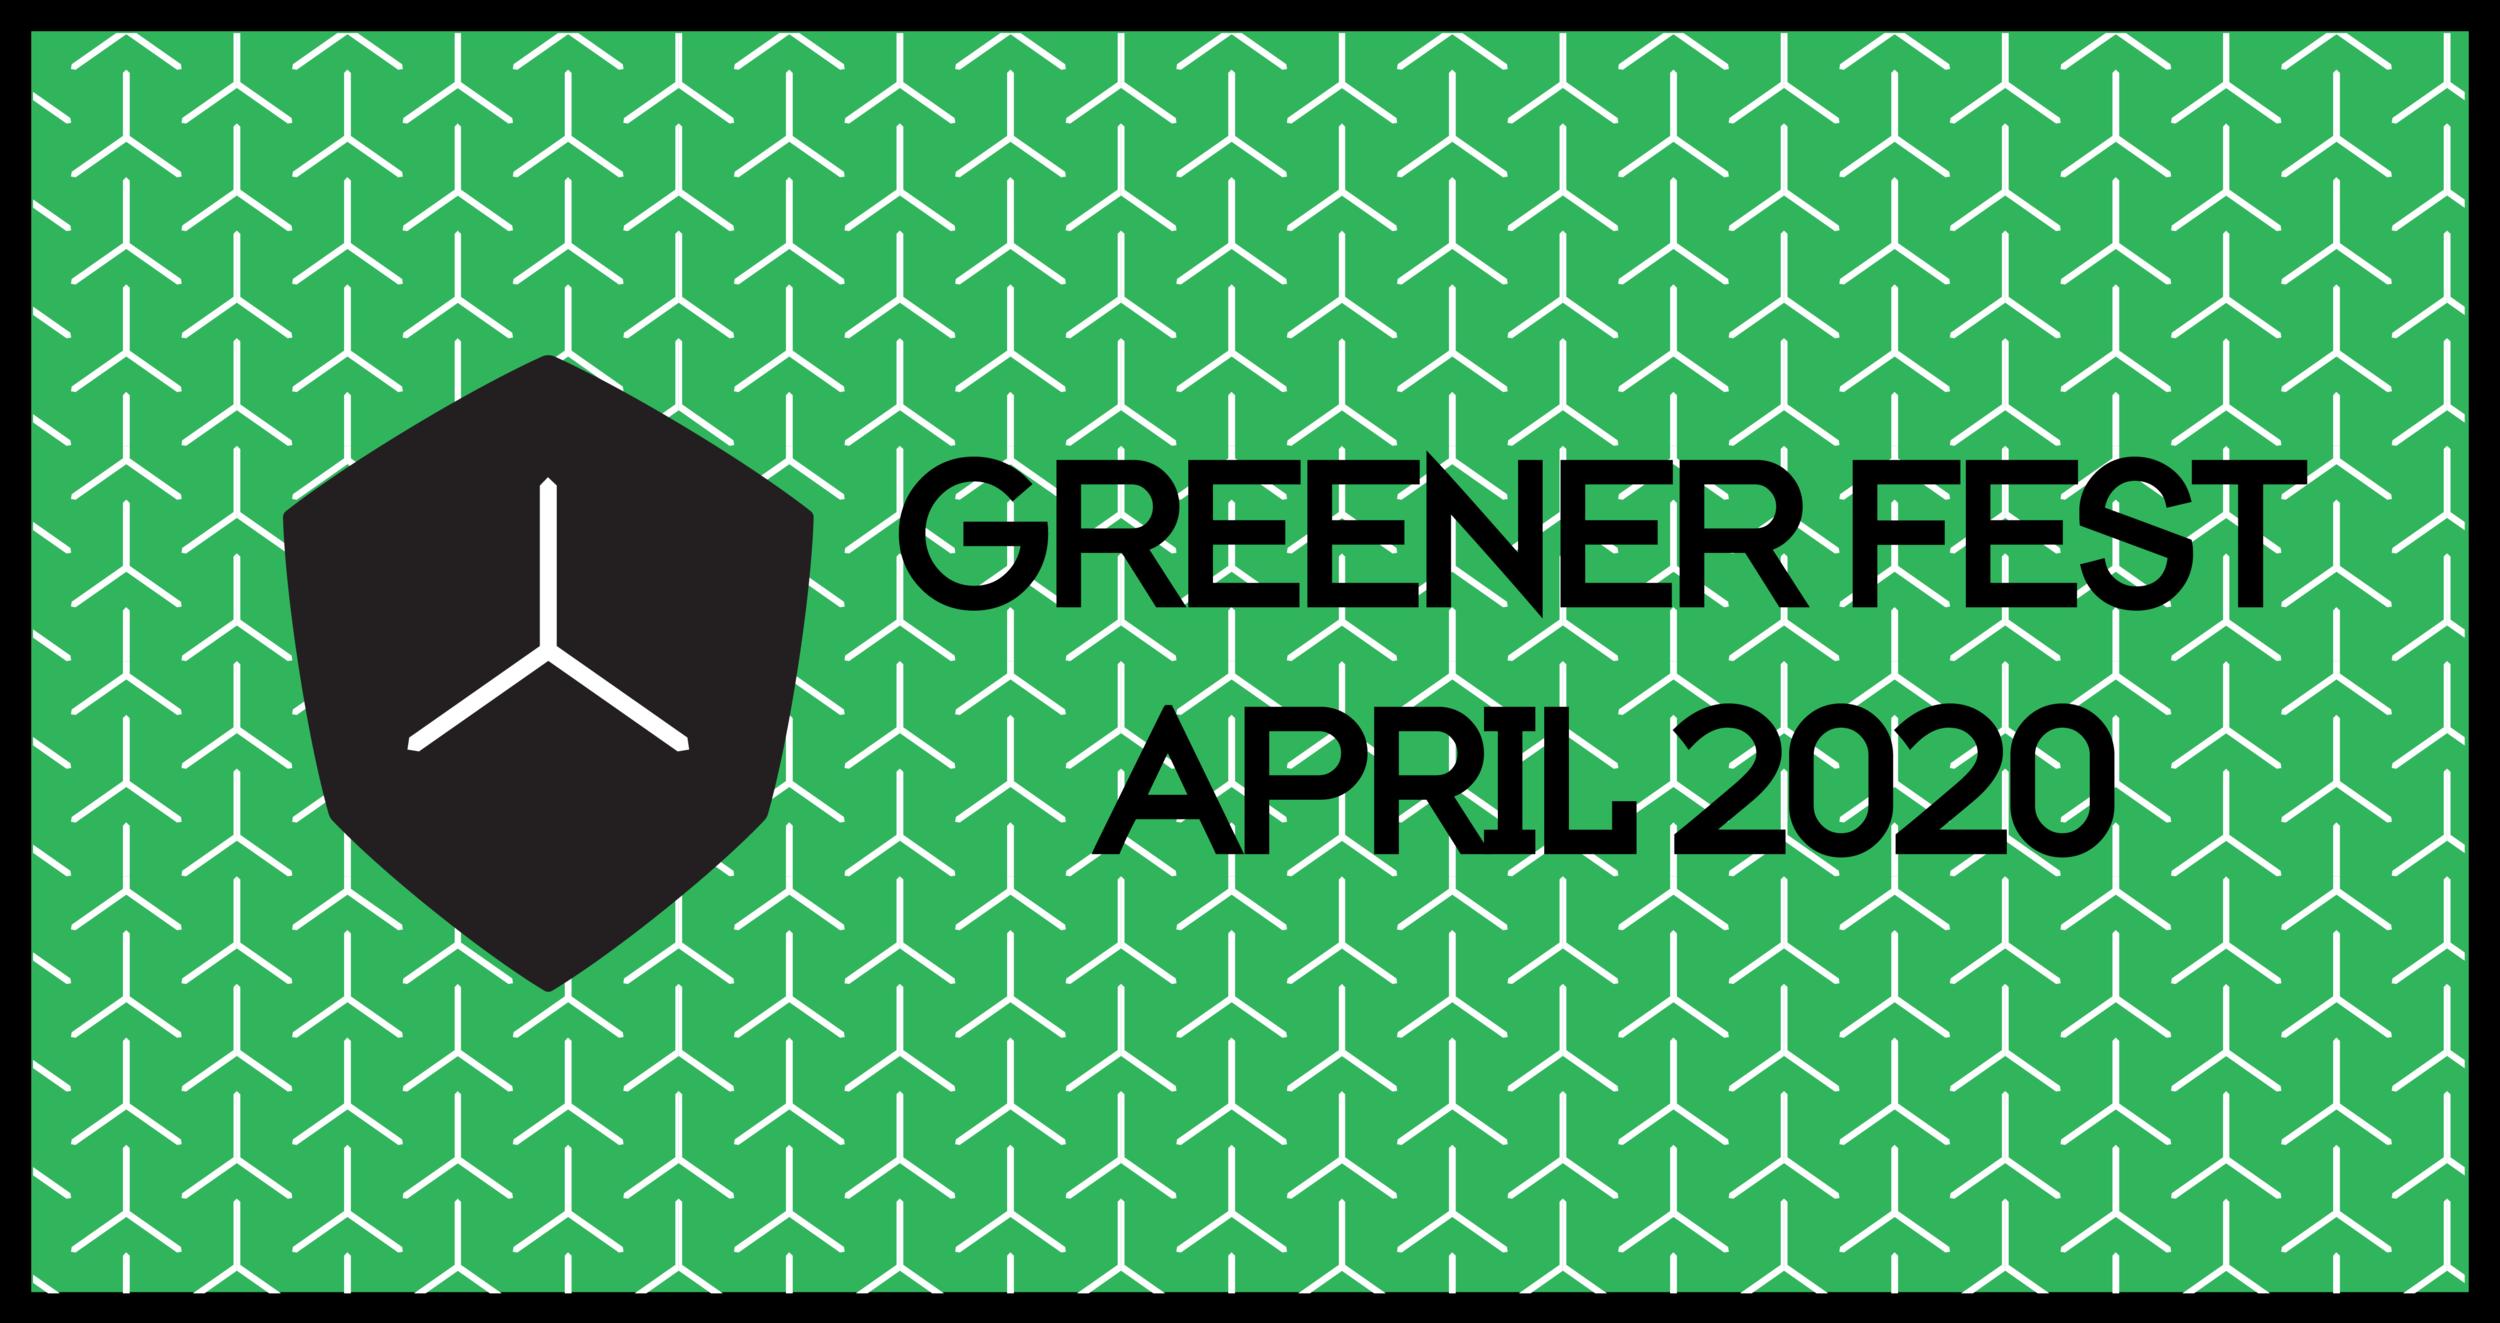 Greener Fest 2020 - Save Date - FB Header.png